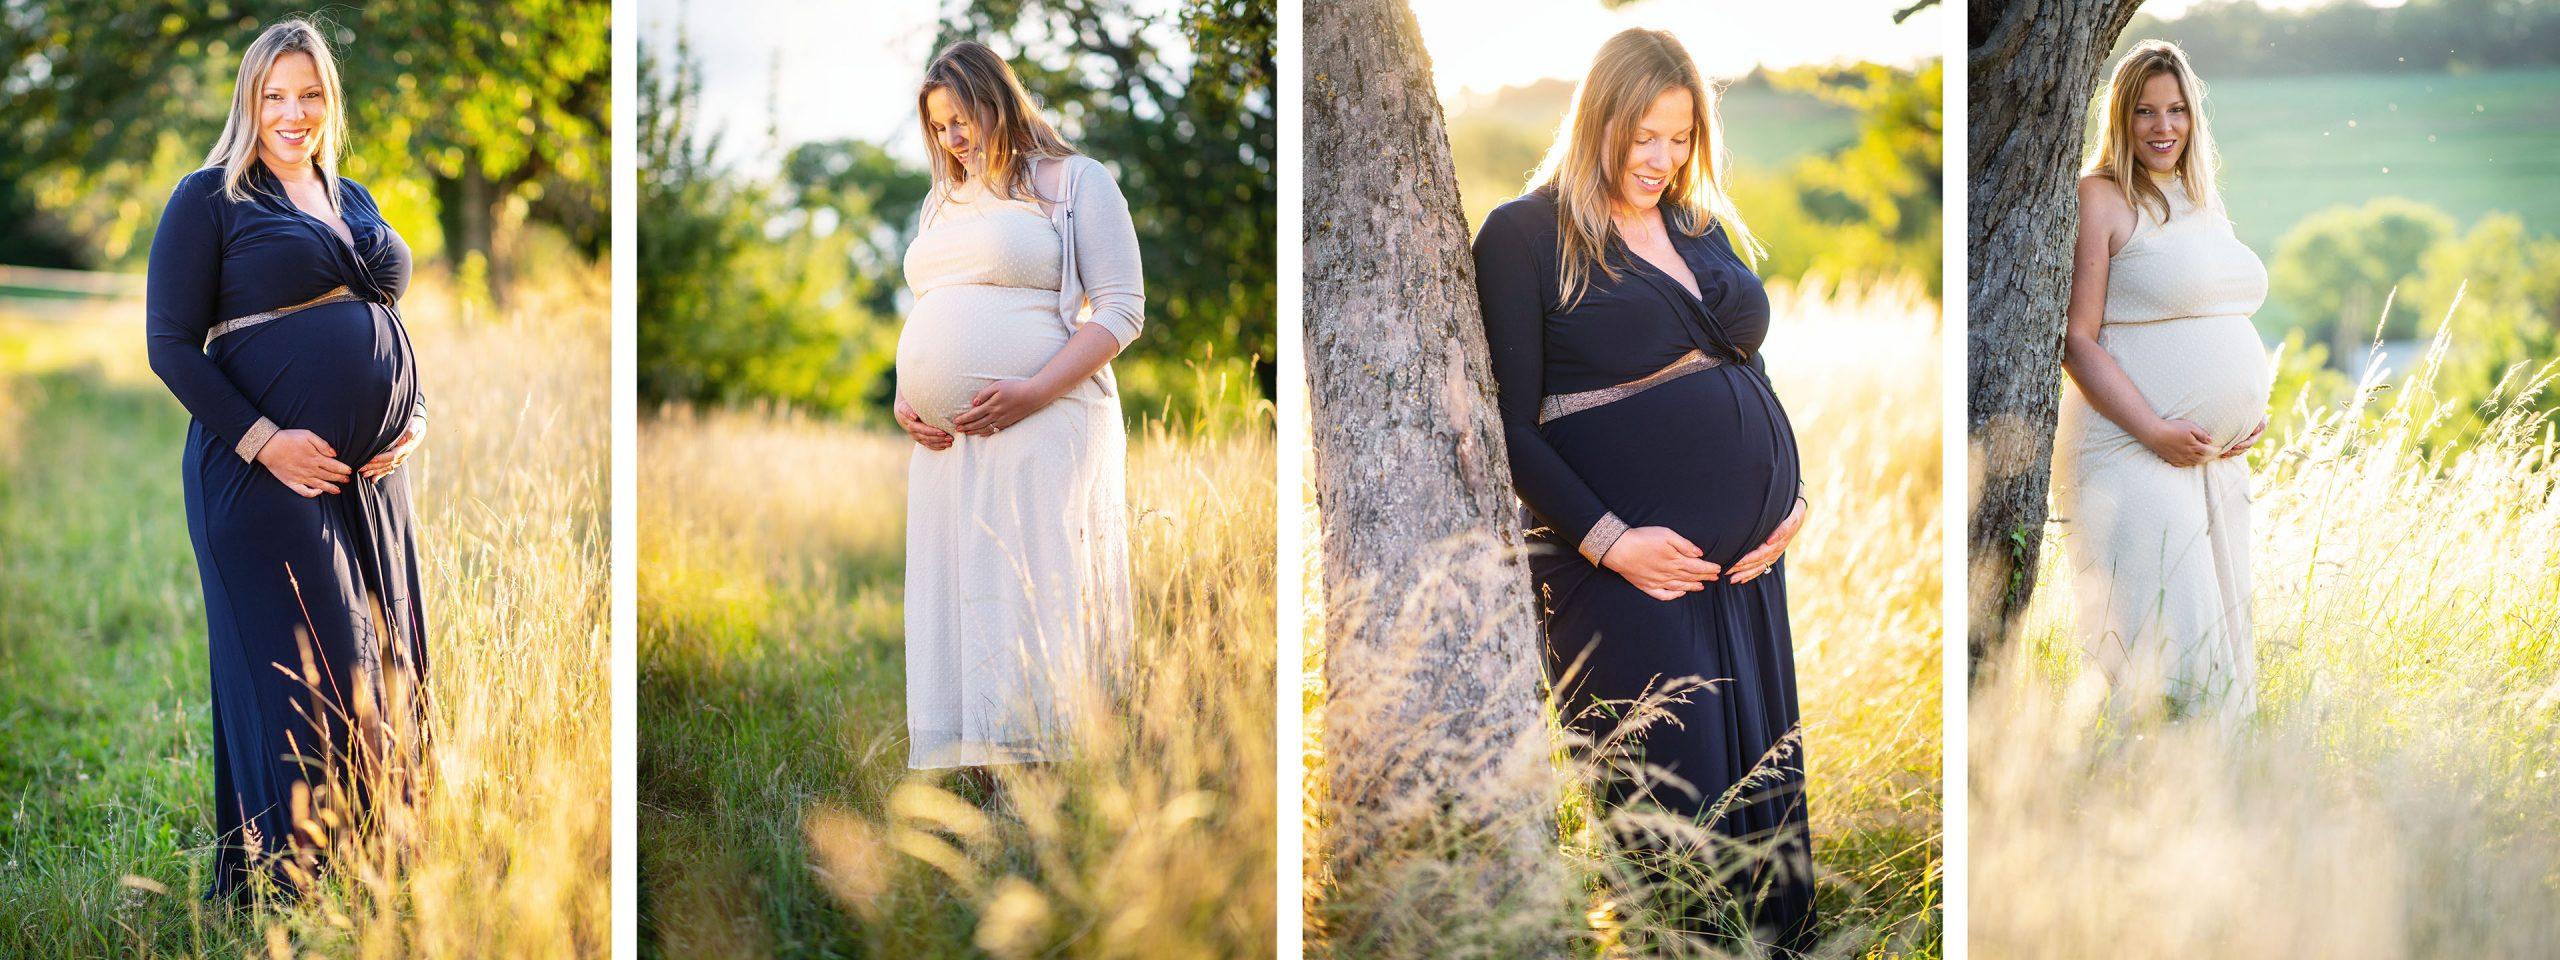 schwangerschaft-02